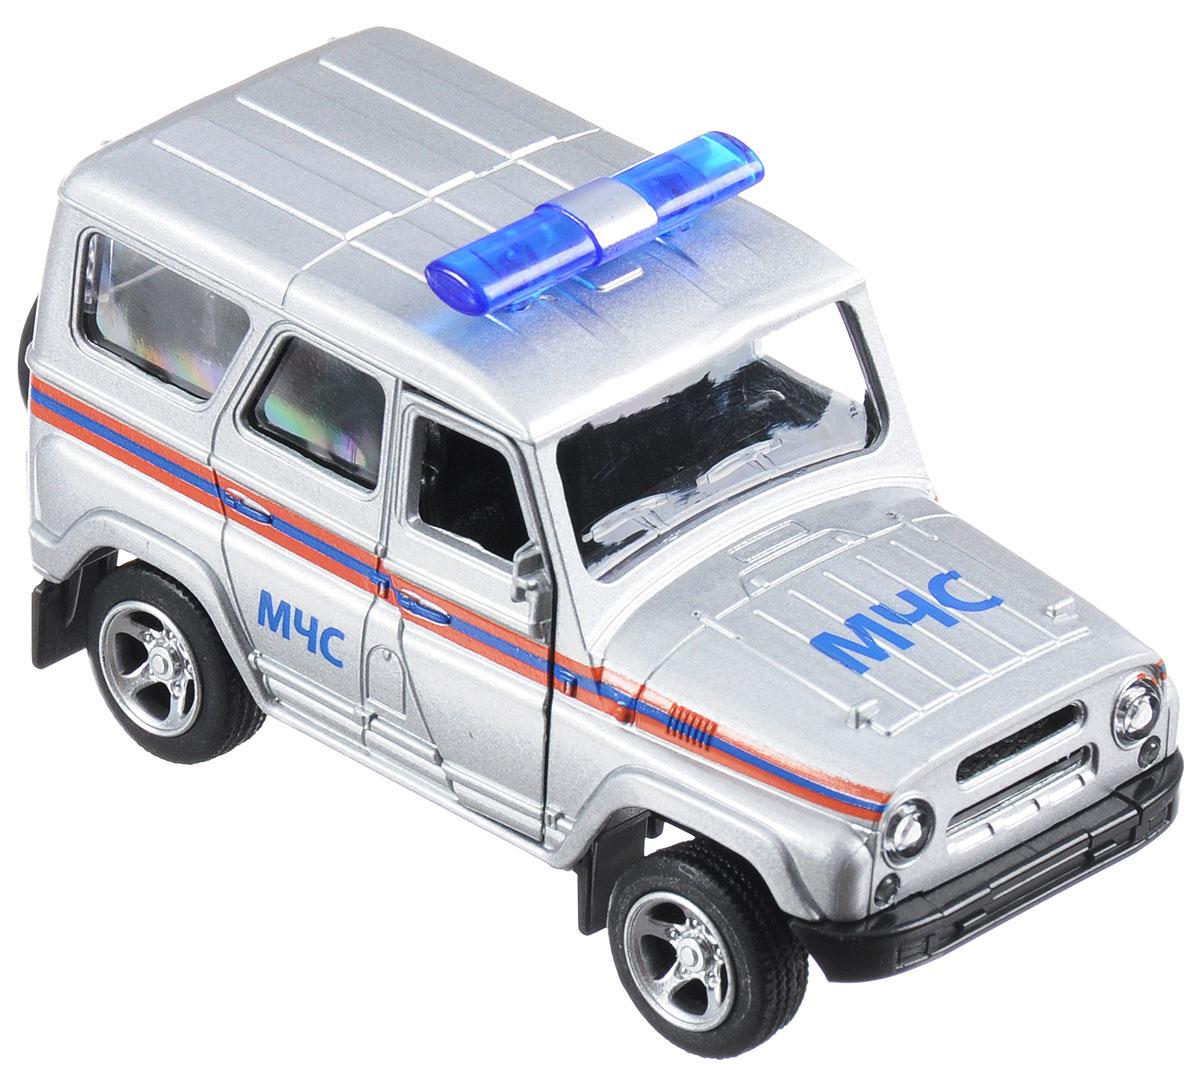 ТехноПарк Машинка инерционная UAZ Hunter МЧС технопарк автомобиль uaz hunter пожарная служба